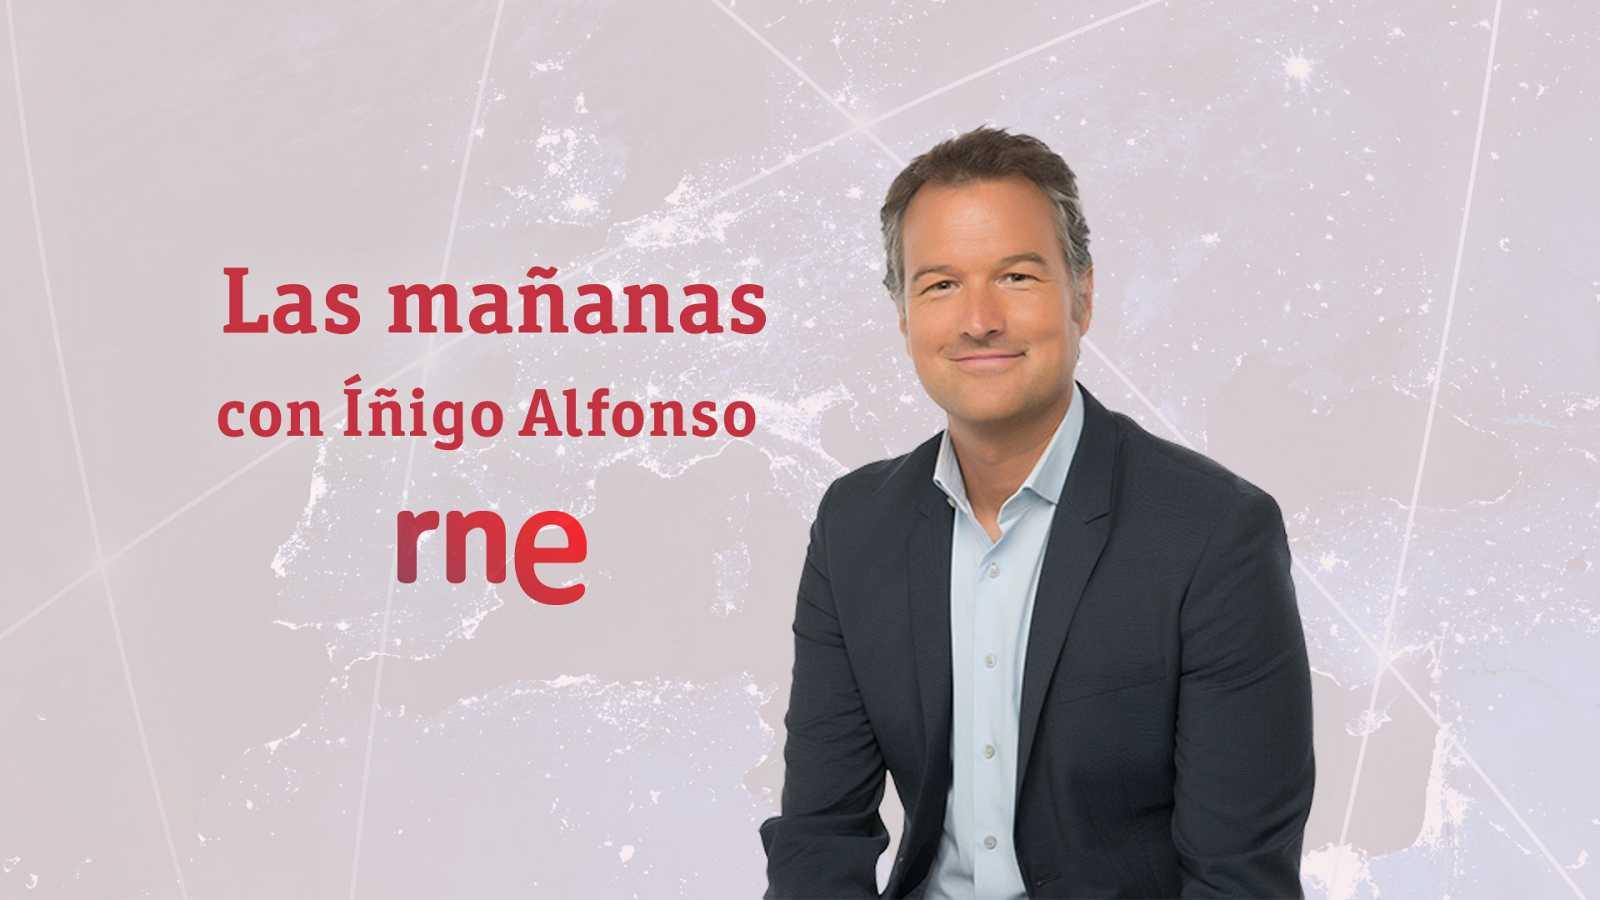 Las mañanas de RNE con Íñigo Alfonso - Primera hora - 26/05/20 - Escuchar ahora